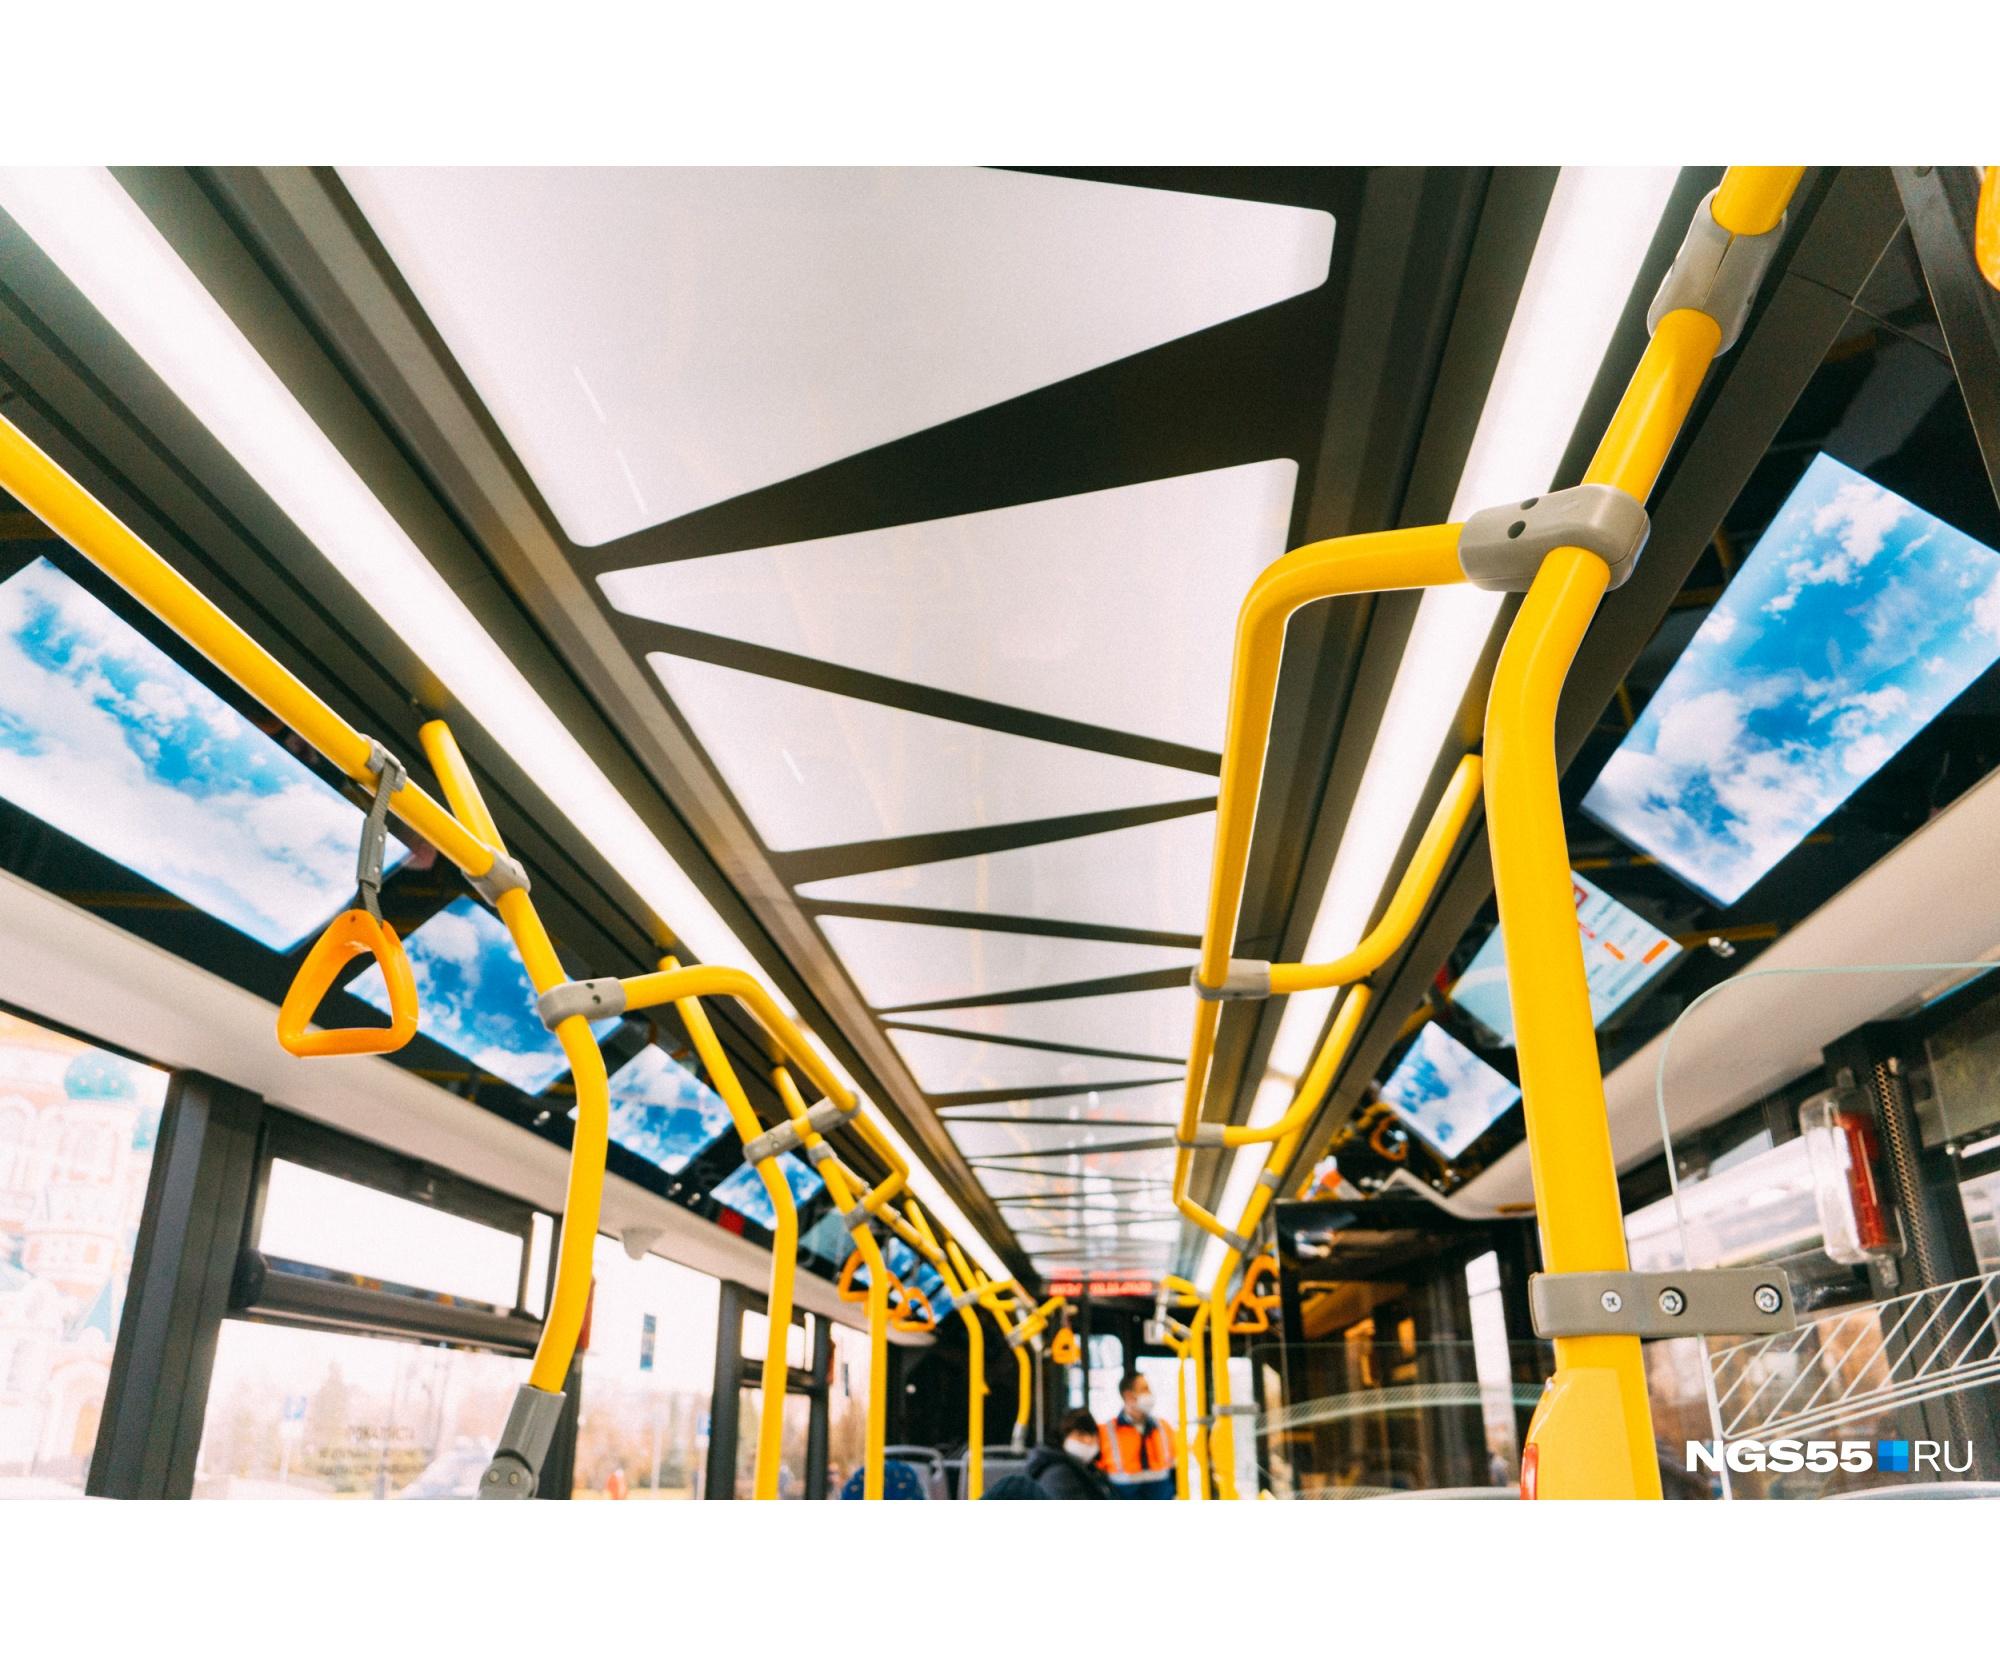 В салоне есть экраны, на которых будут показывать маршруты, расписание движения и другую полезную информацию